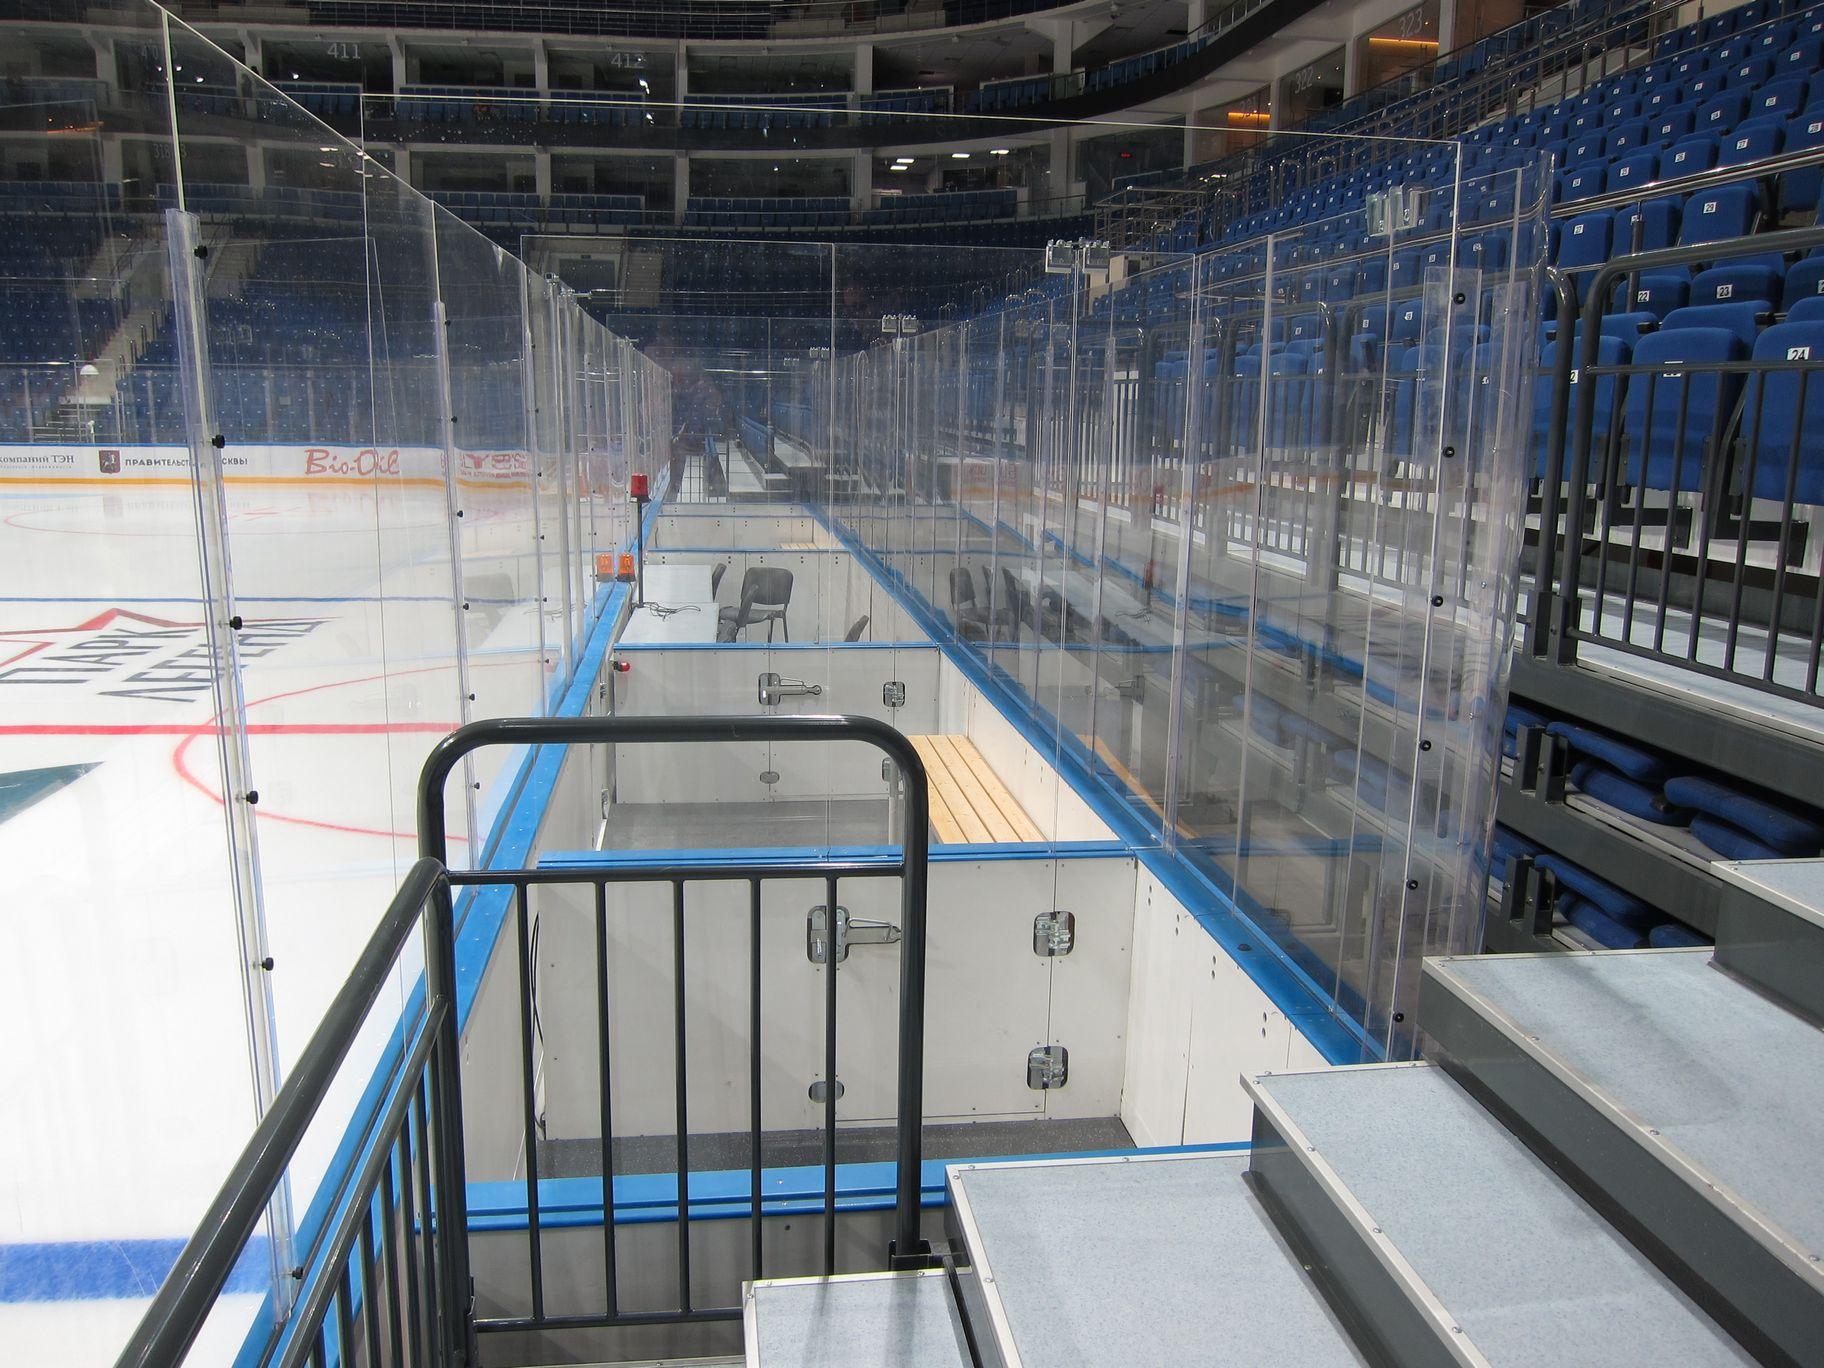 Втб ледовый дворец фото внутри